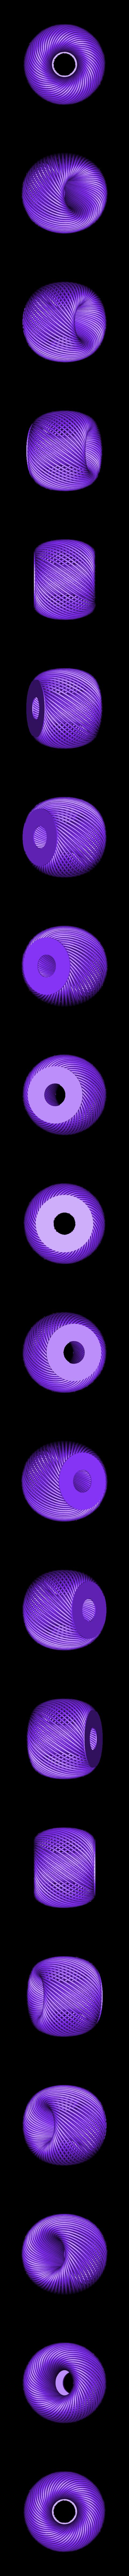 Fe825960 6e47 4afc add3 700297f9f041